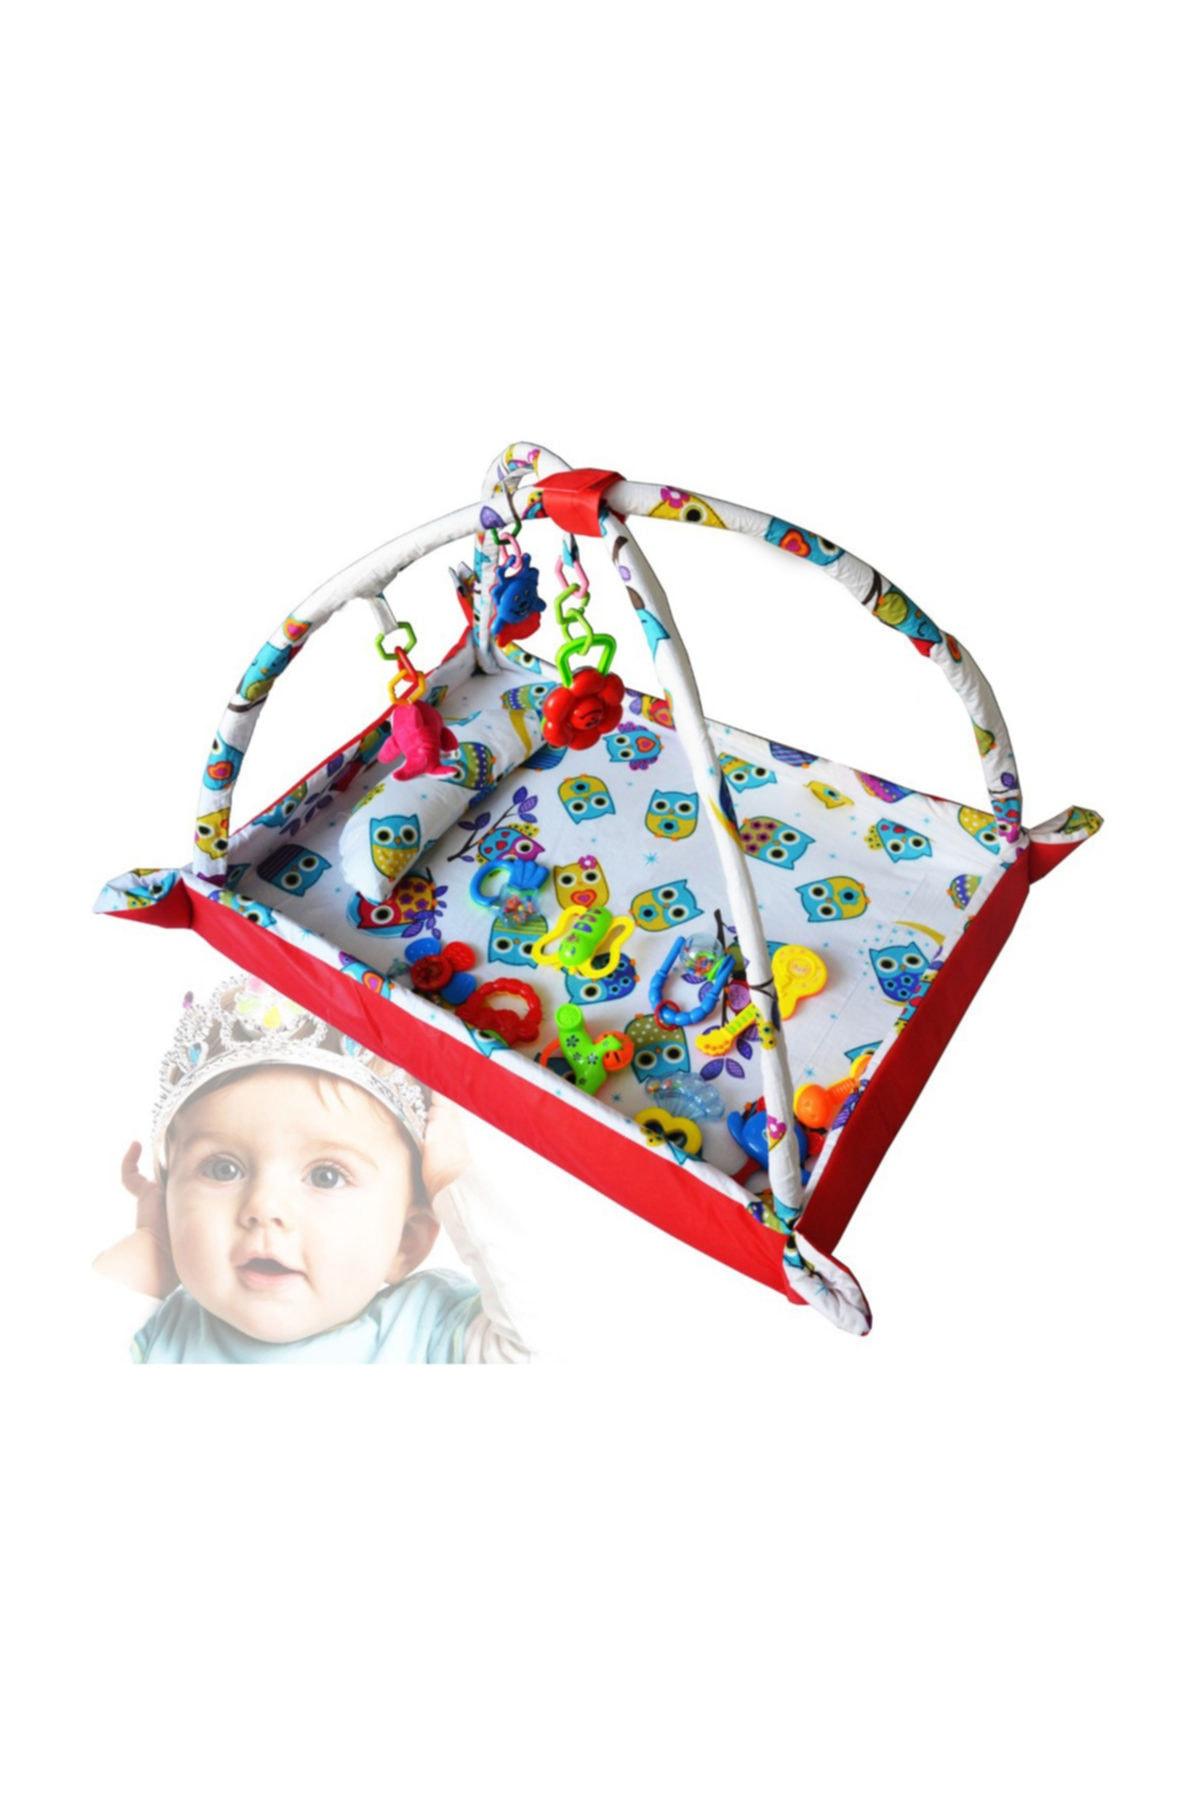 Pamuk Kumaş Bebek Oyun Halı Ve Çocuk Alanı Kırmızı Baykuşlu